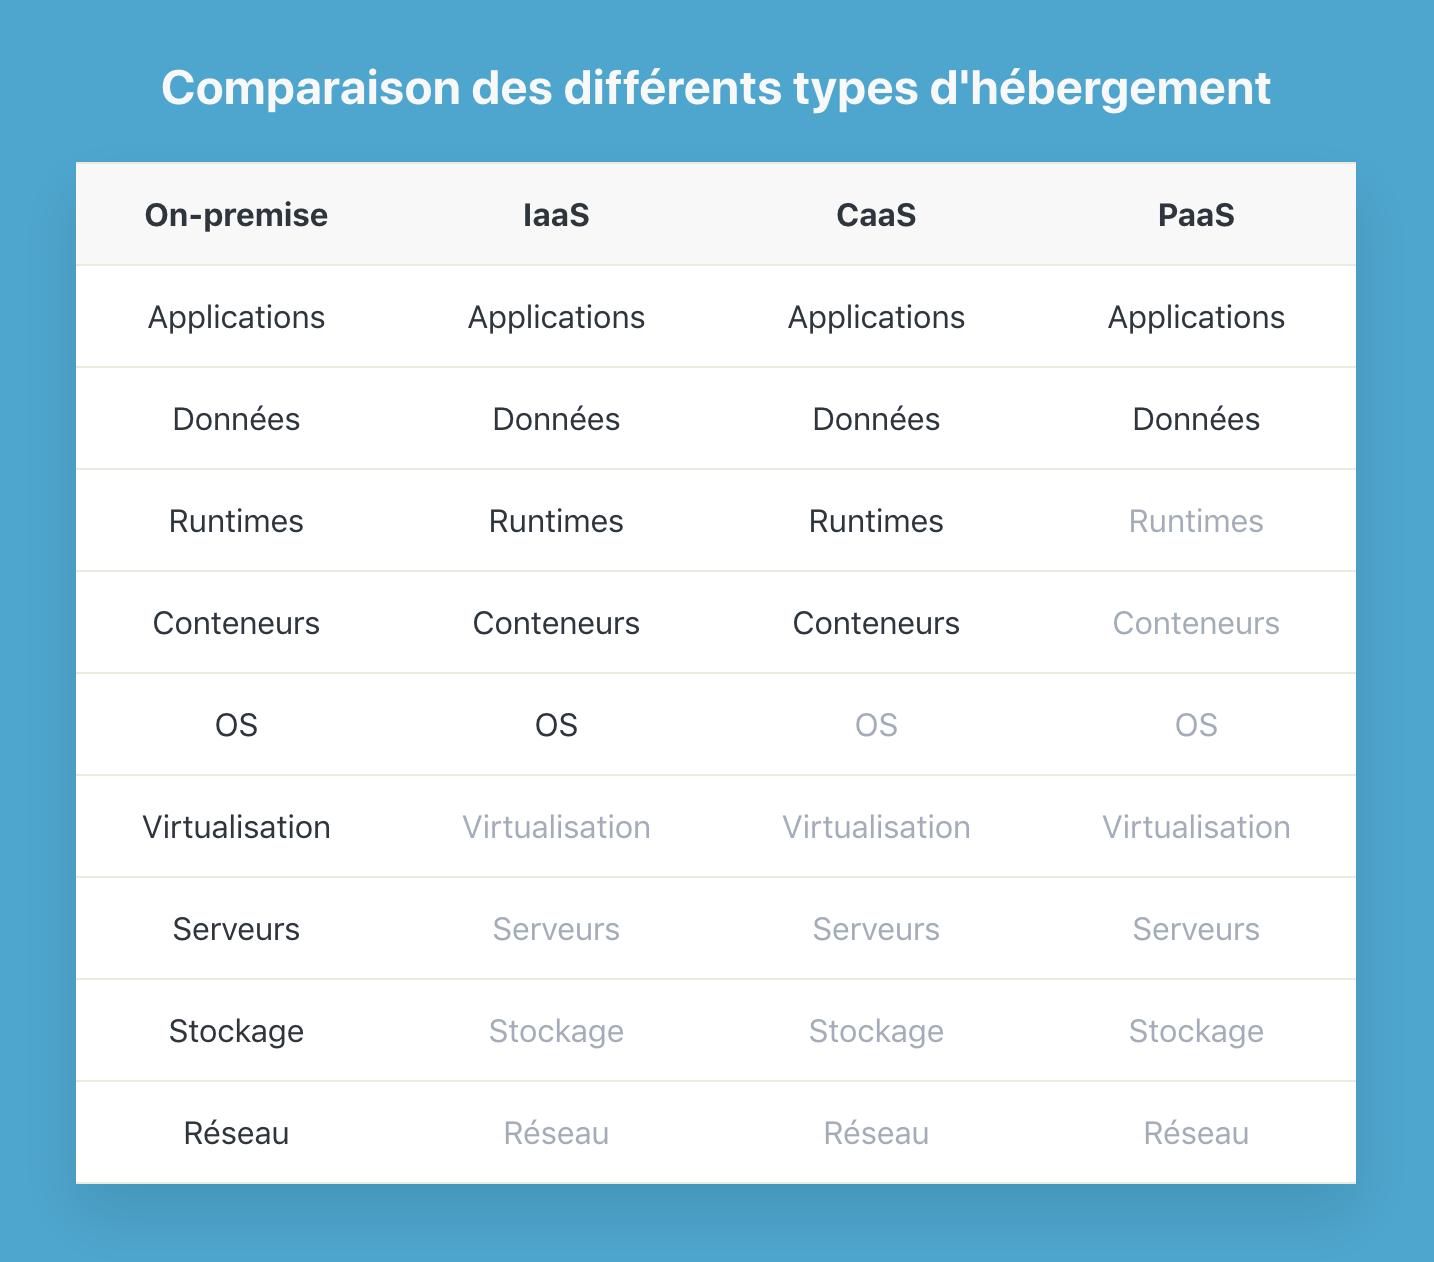 Comparaison des différents types d'hébergement web